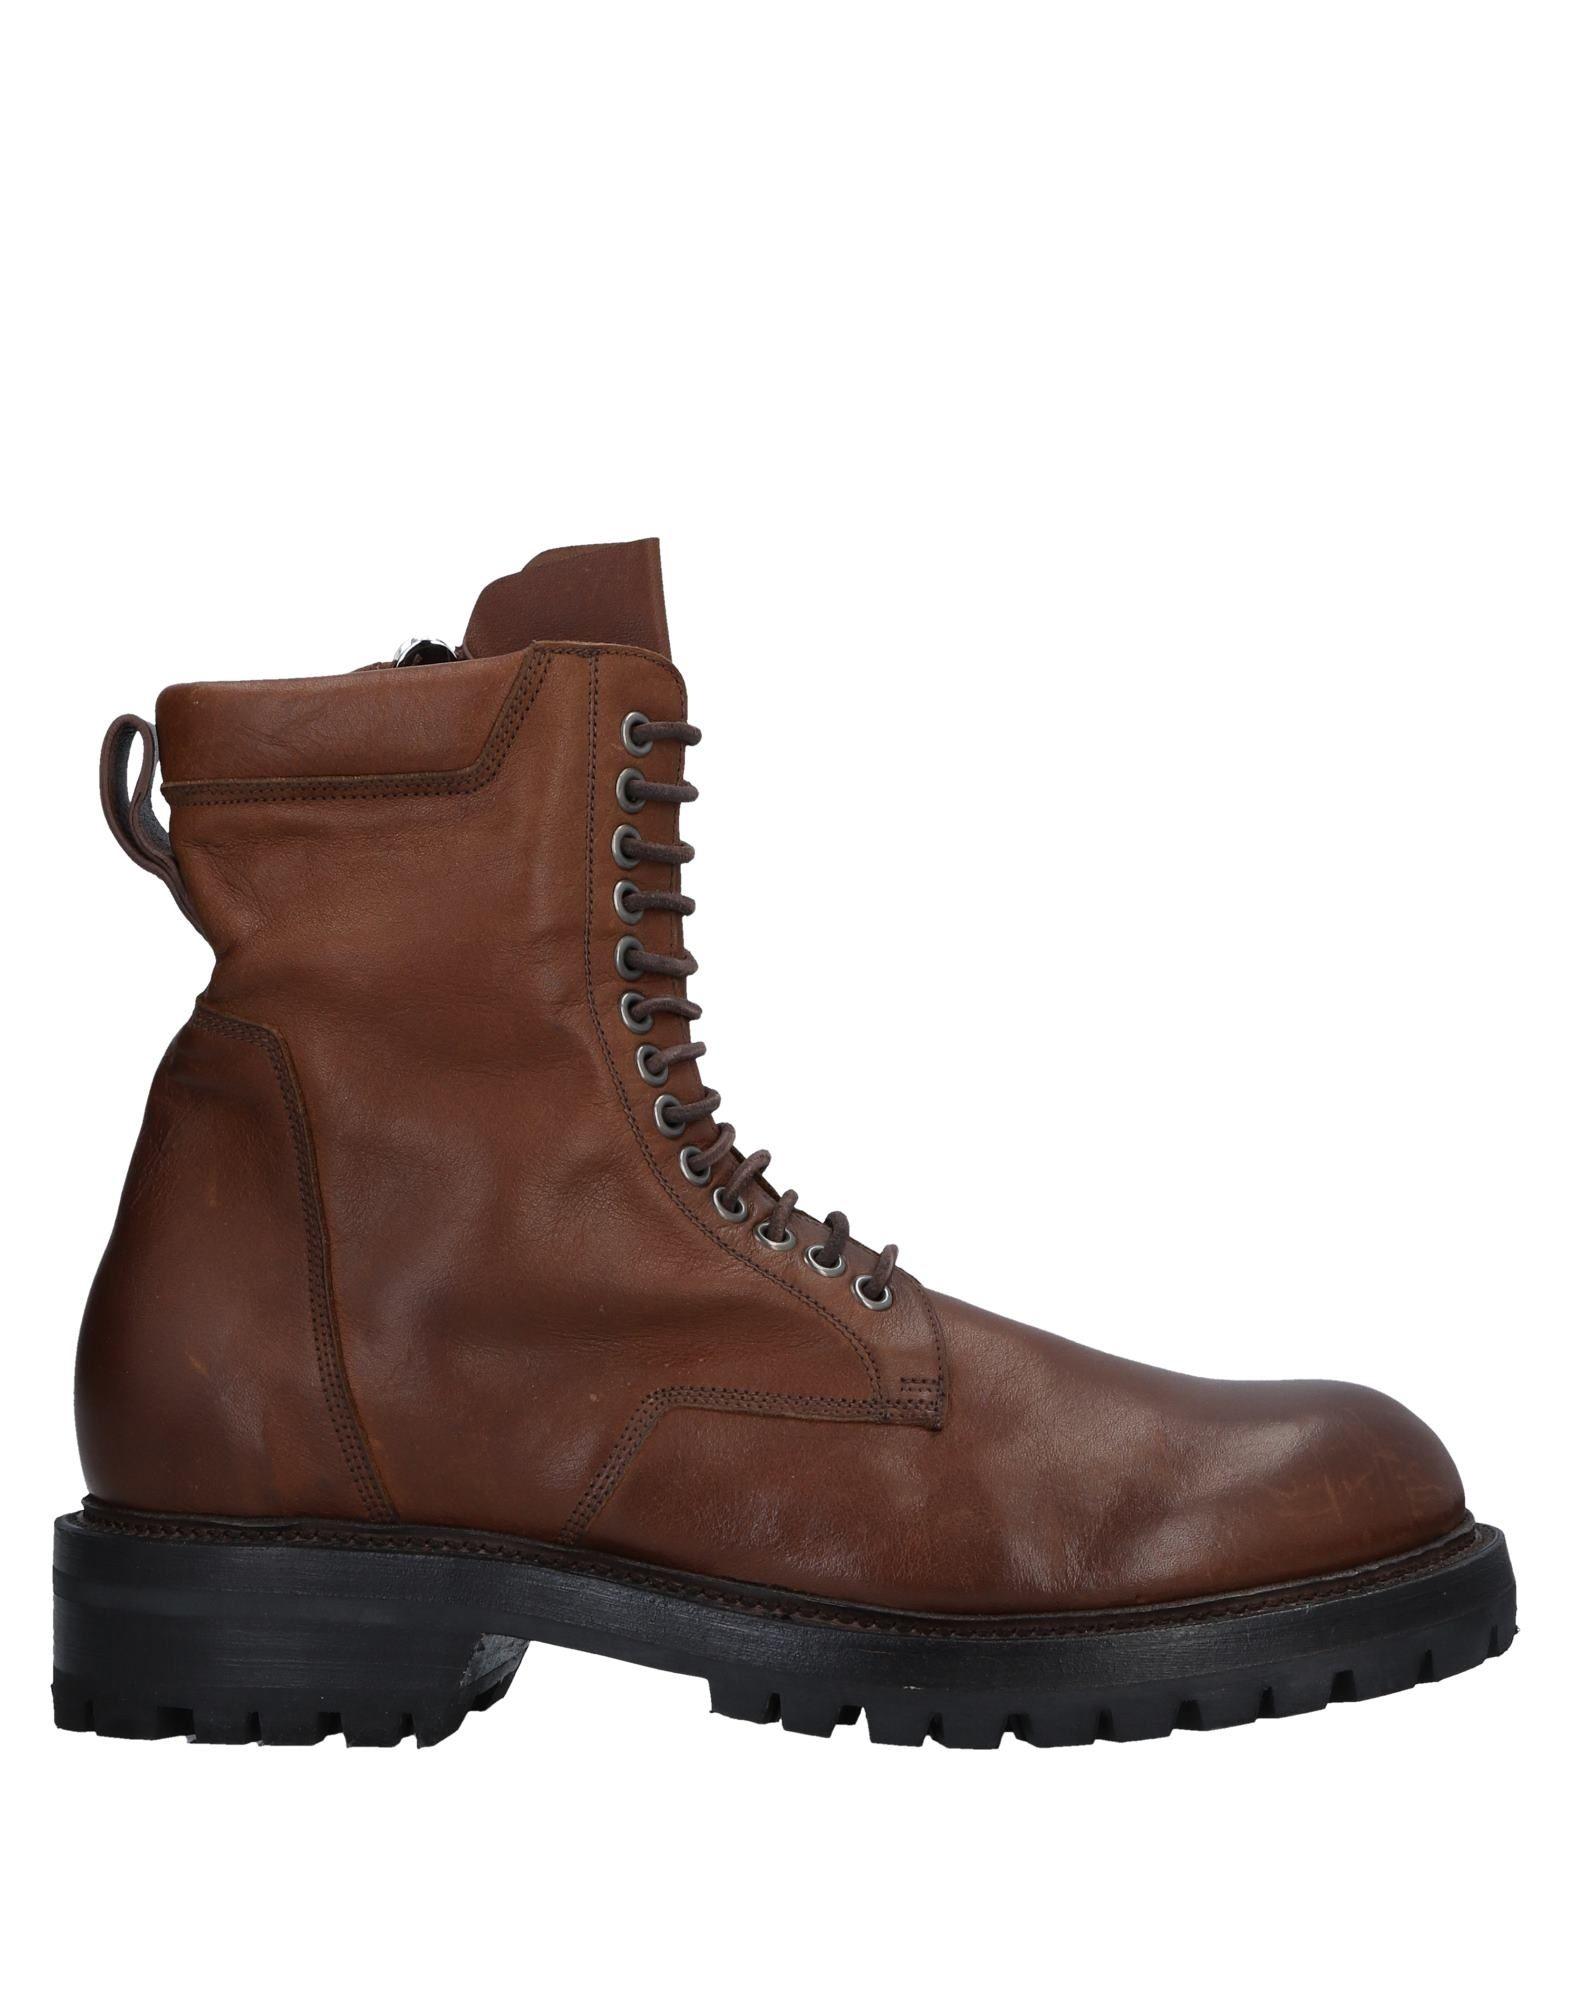 Rick Owens Stiefelette Herren  11517975MH Gute Qualität beliebte Schuhe